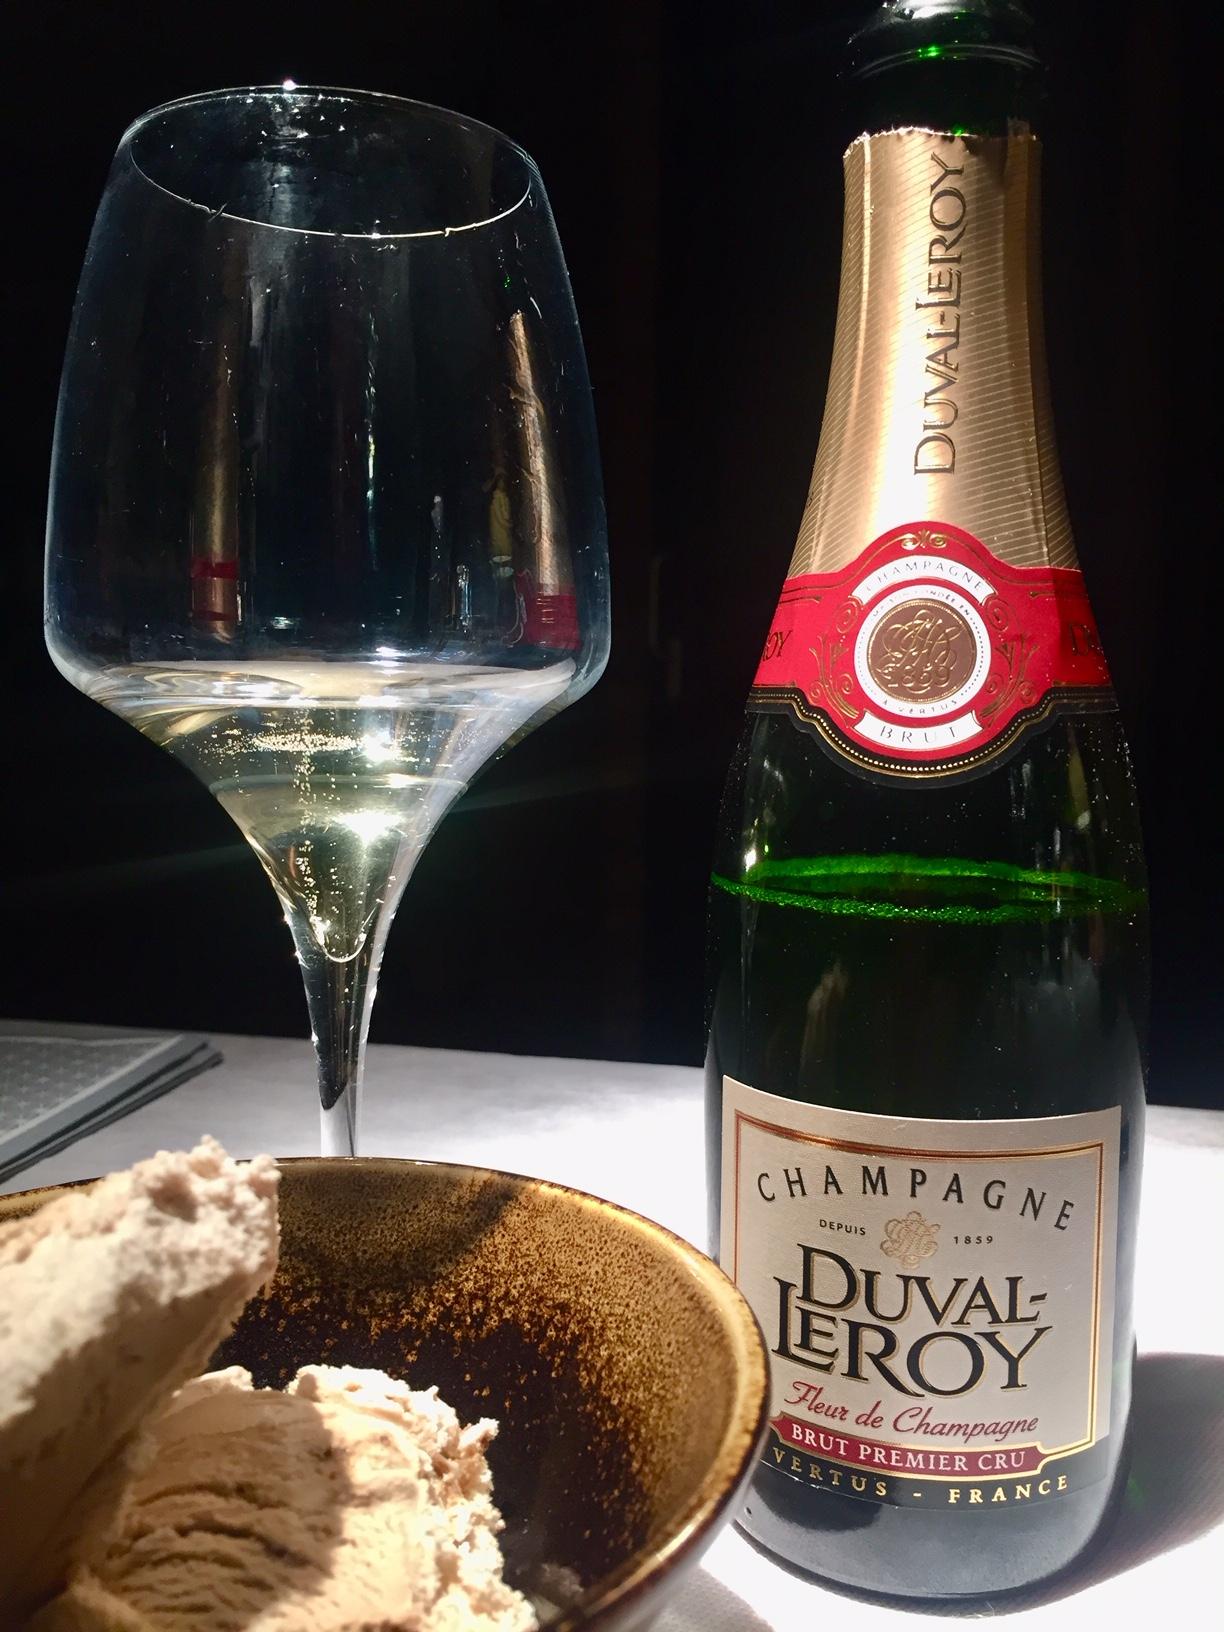 Champagne Duval Leroy, Fleur de Champagne, su tovaglia bianca, a fianco un calice con bollicine fine, numerosa e persistente e una ciotola con gelato al tiramisu